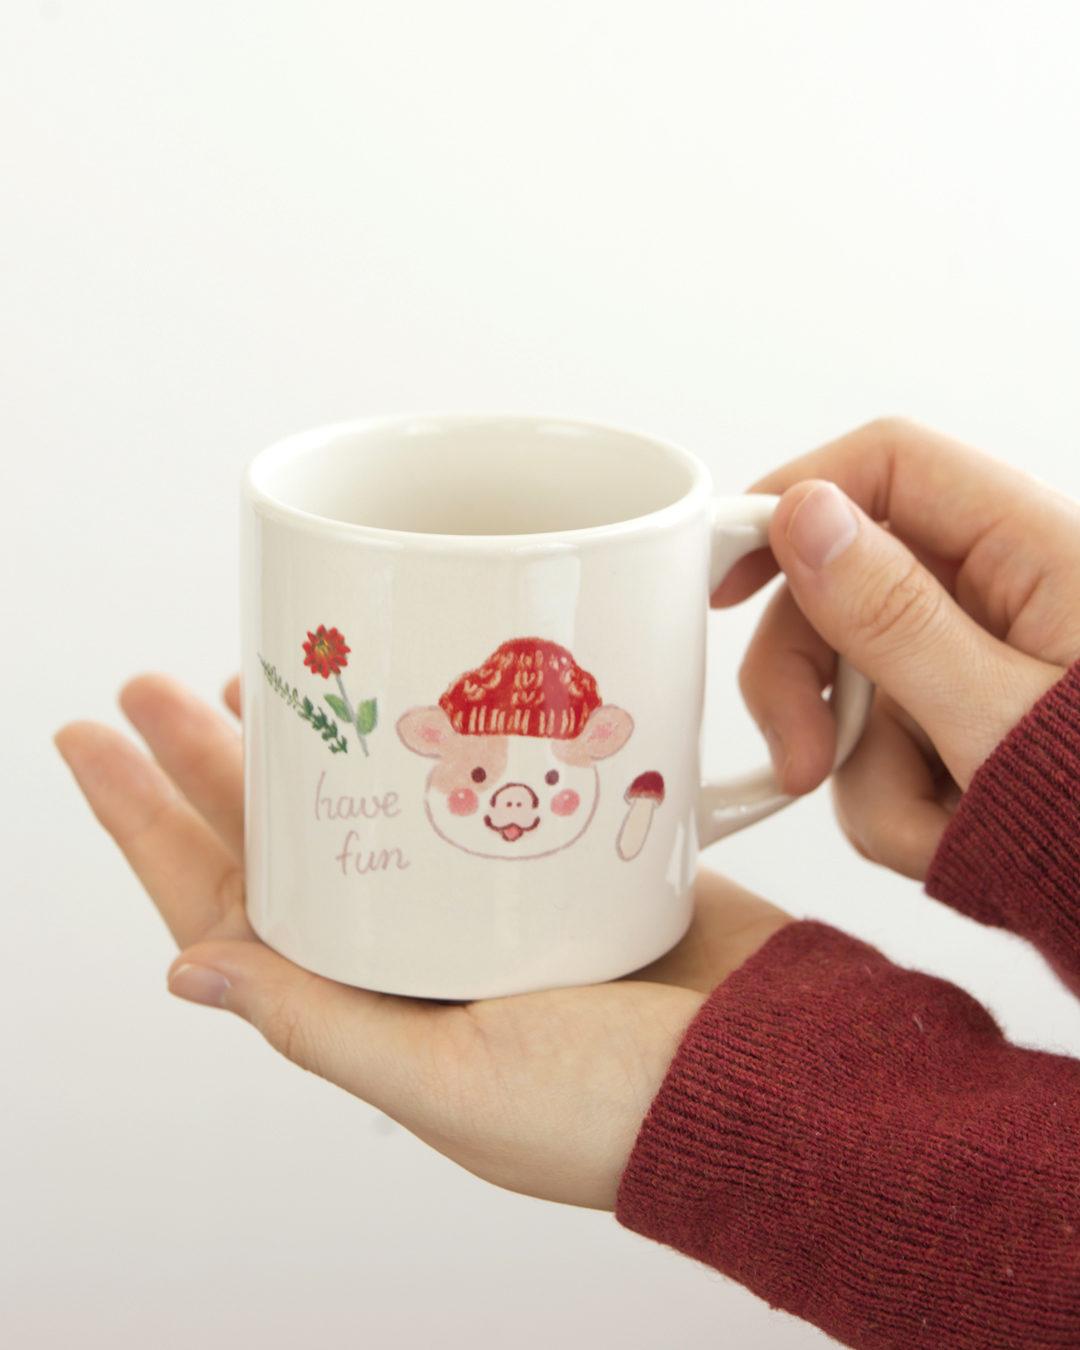 ほんわか日和 マグカップ 冬のおさんぽ【ウフ】 ほんわかストア